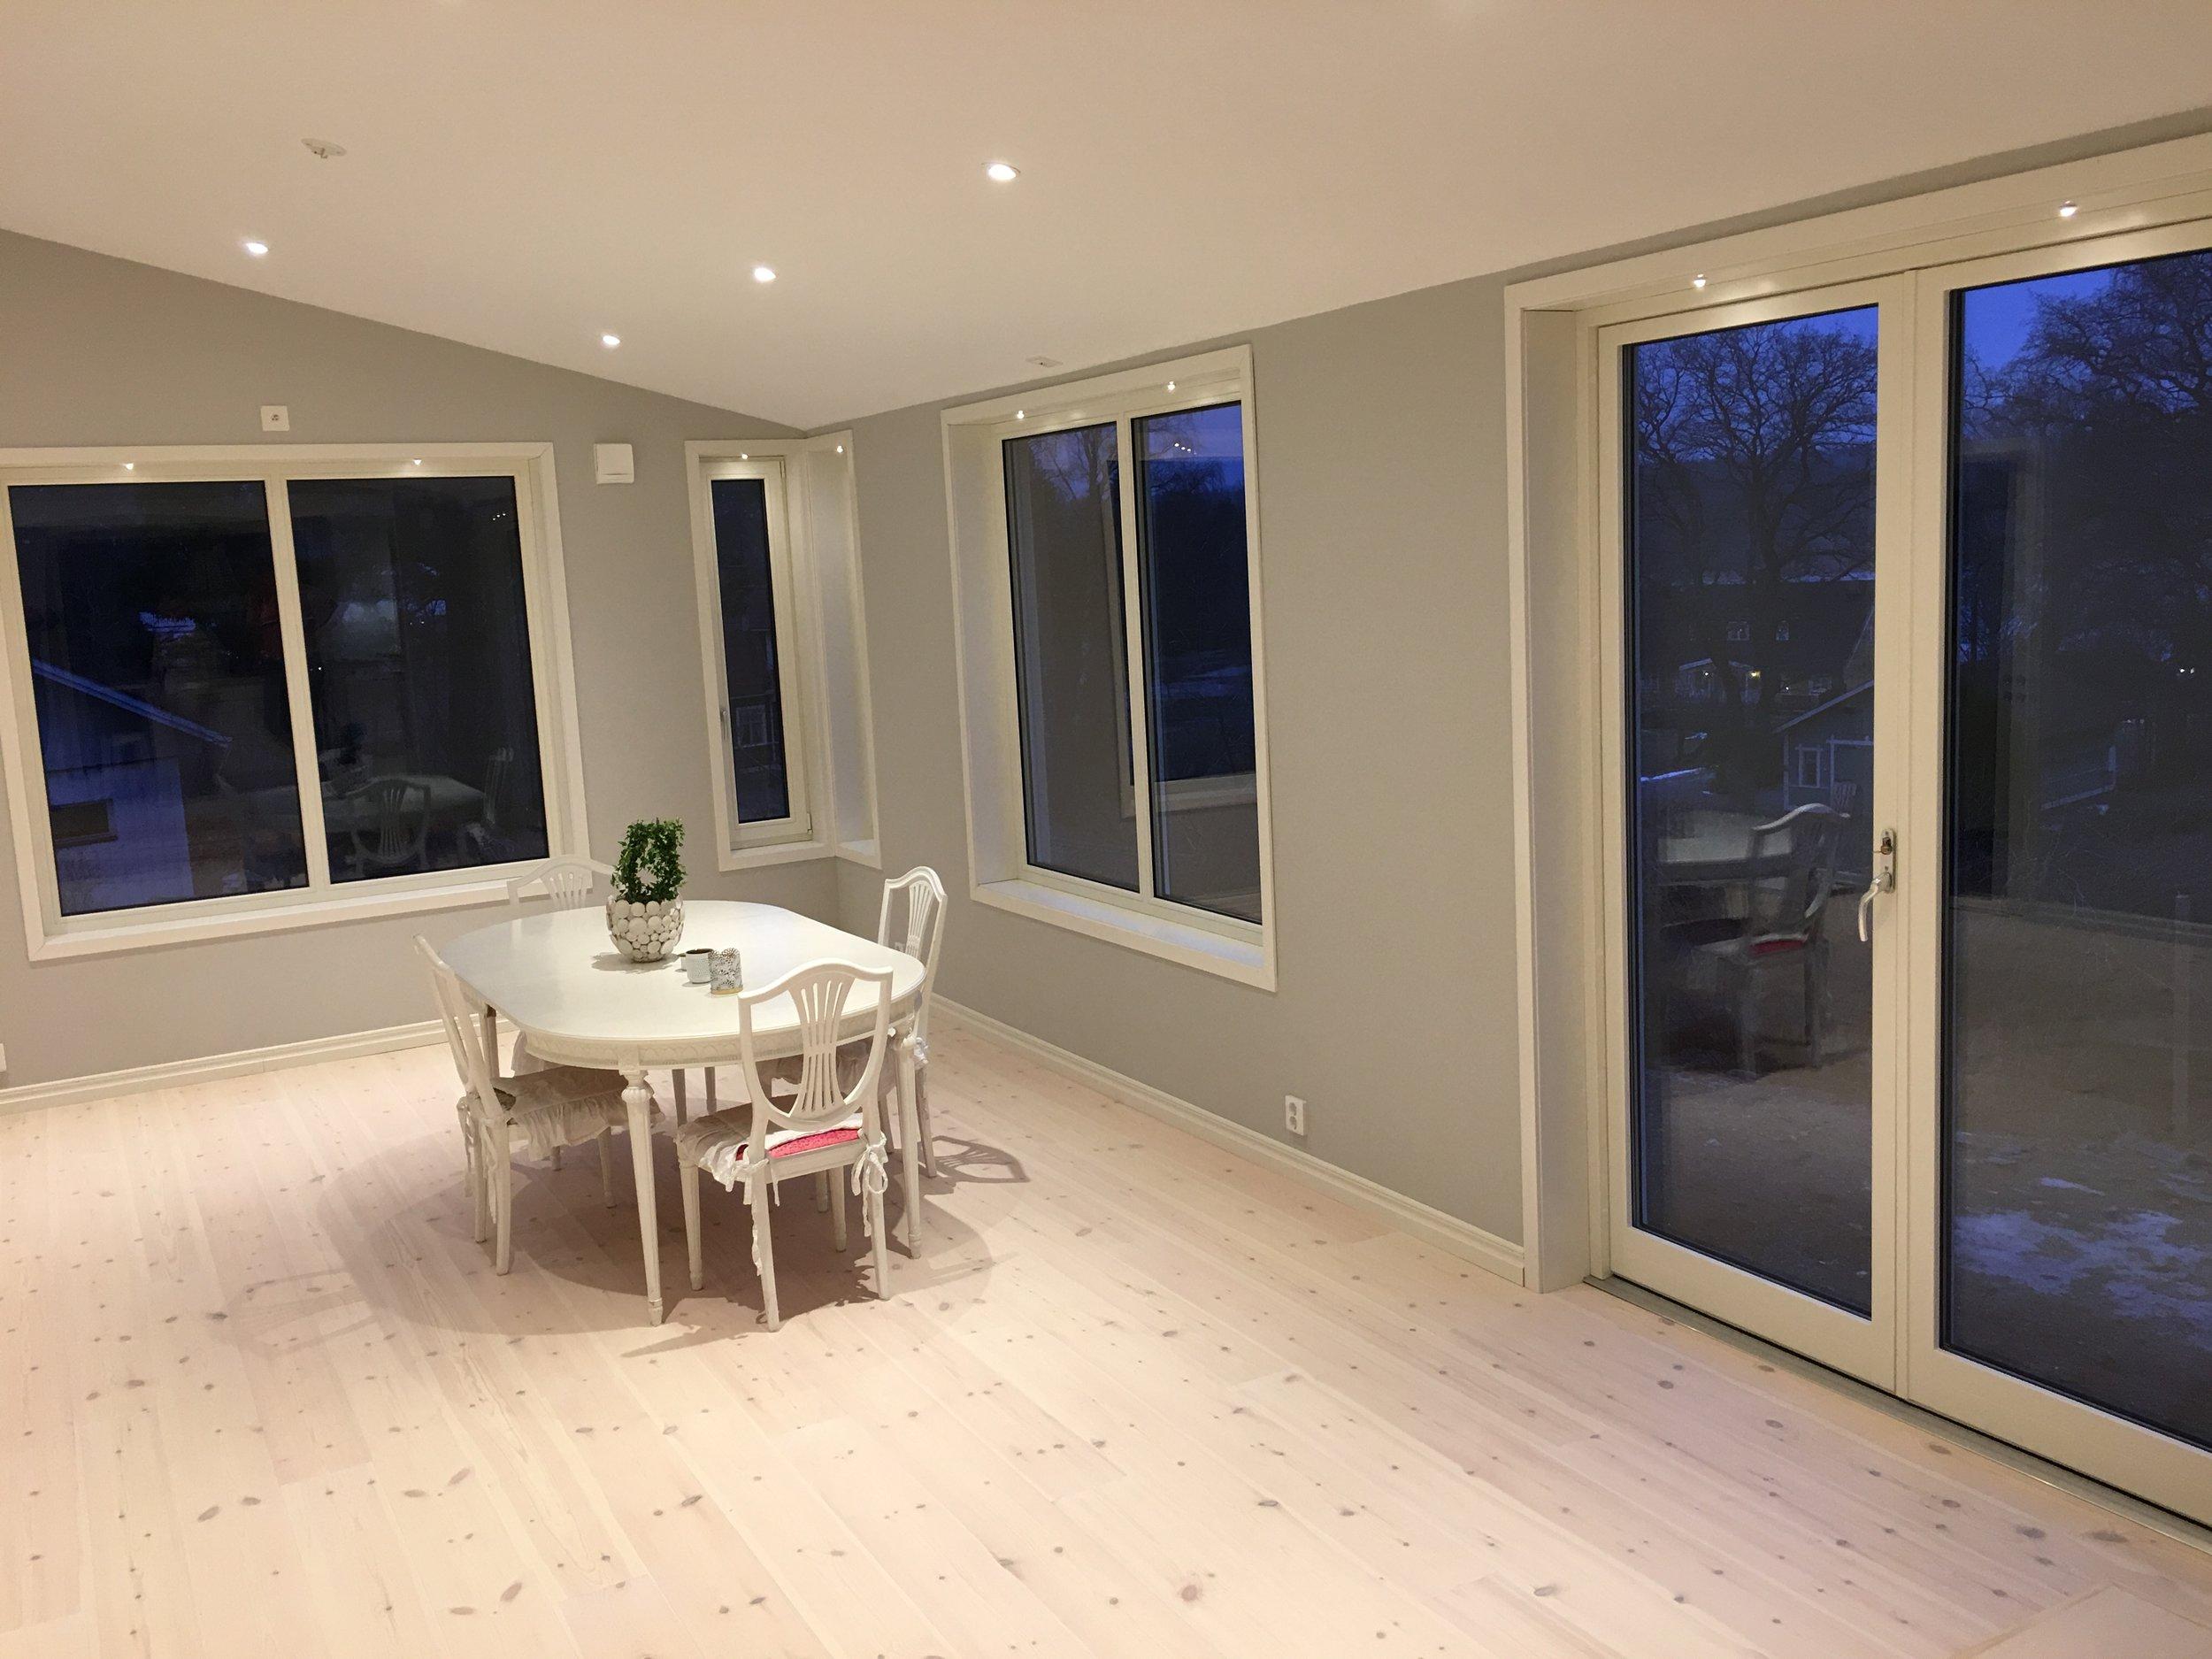 Vita trä/alu-fönster från Stali. Altandörr 240 cm hög.